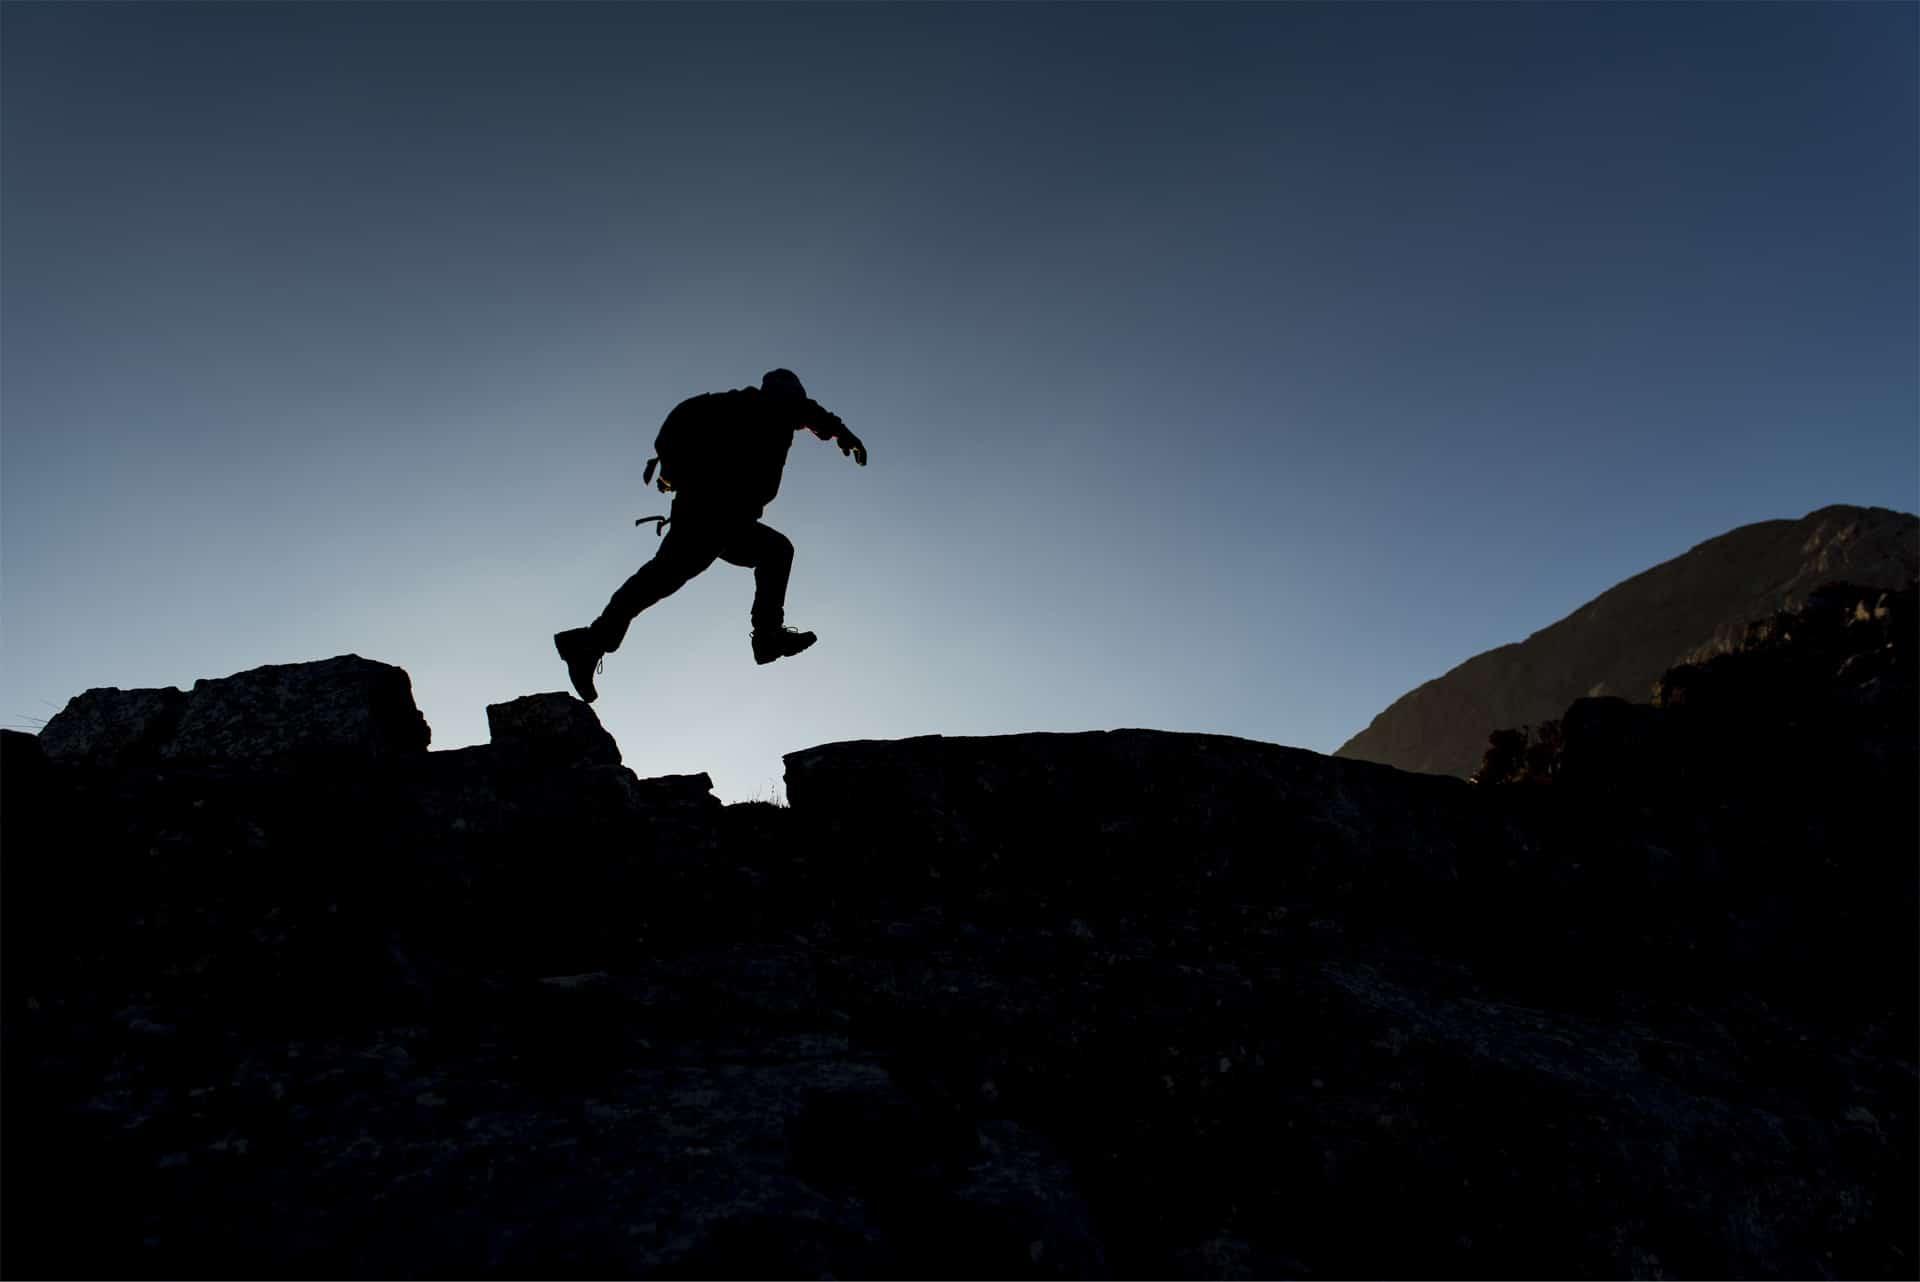 Nachtaufnahme von einem Wanderer, der auf einem Felsen steht und springt